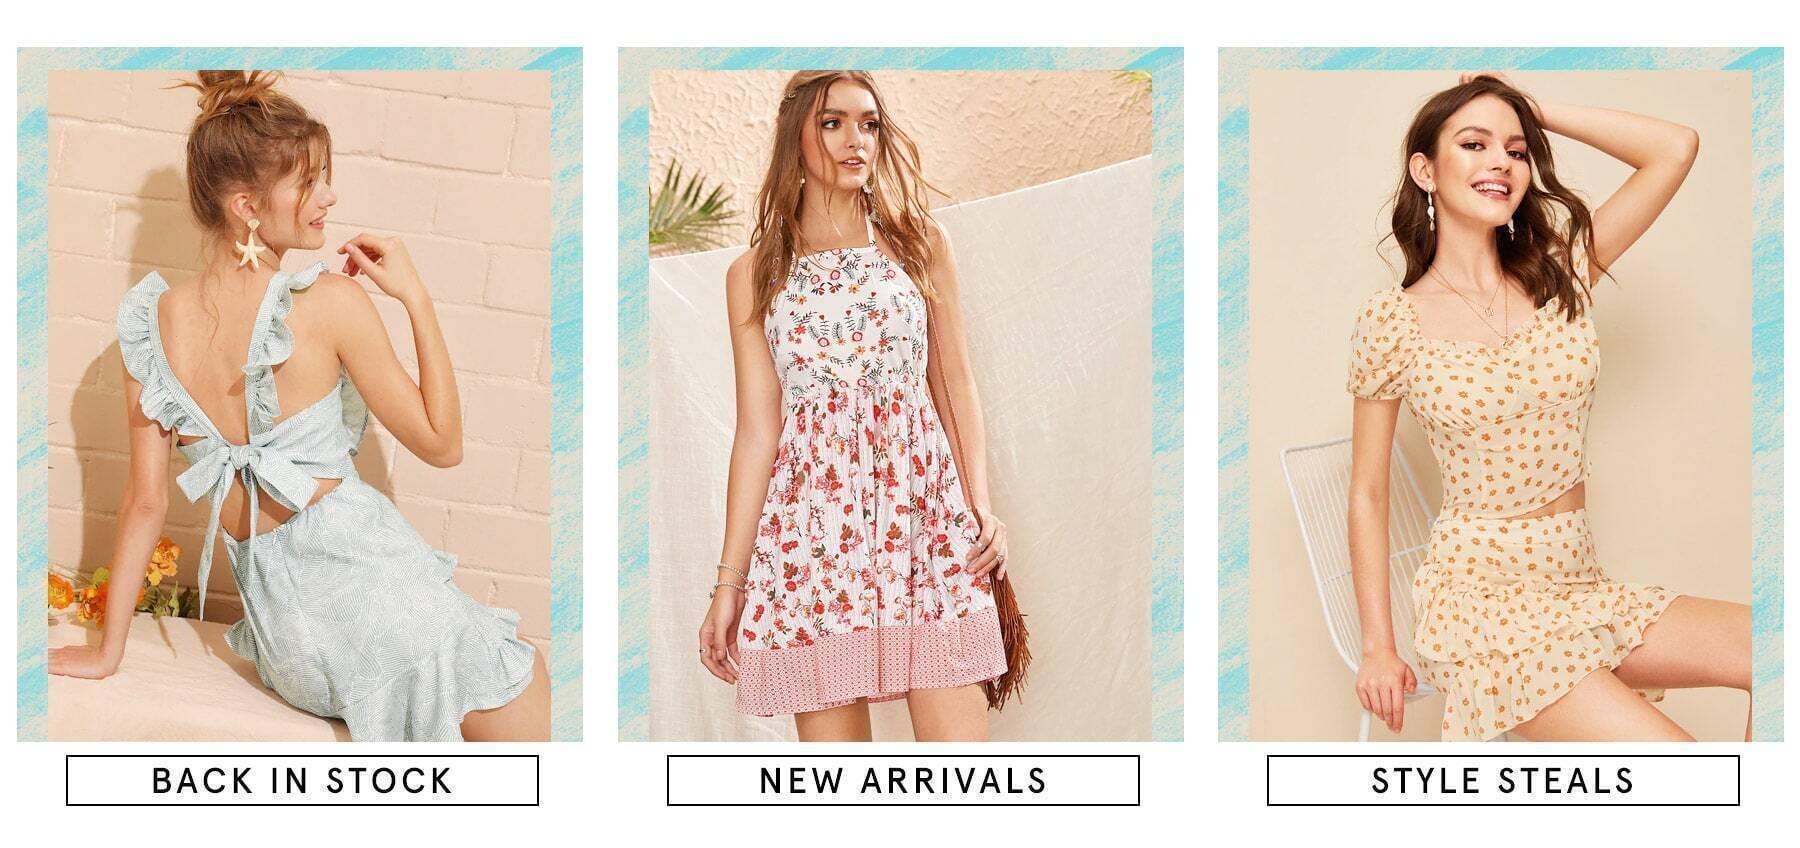 75cb8b774396 Women's Clothing & Fashion, Shop Womenswear Clothing | SHEIN UK